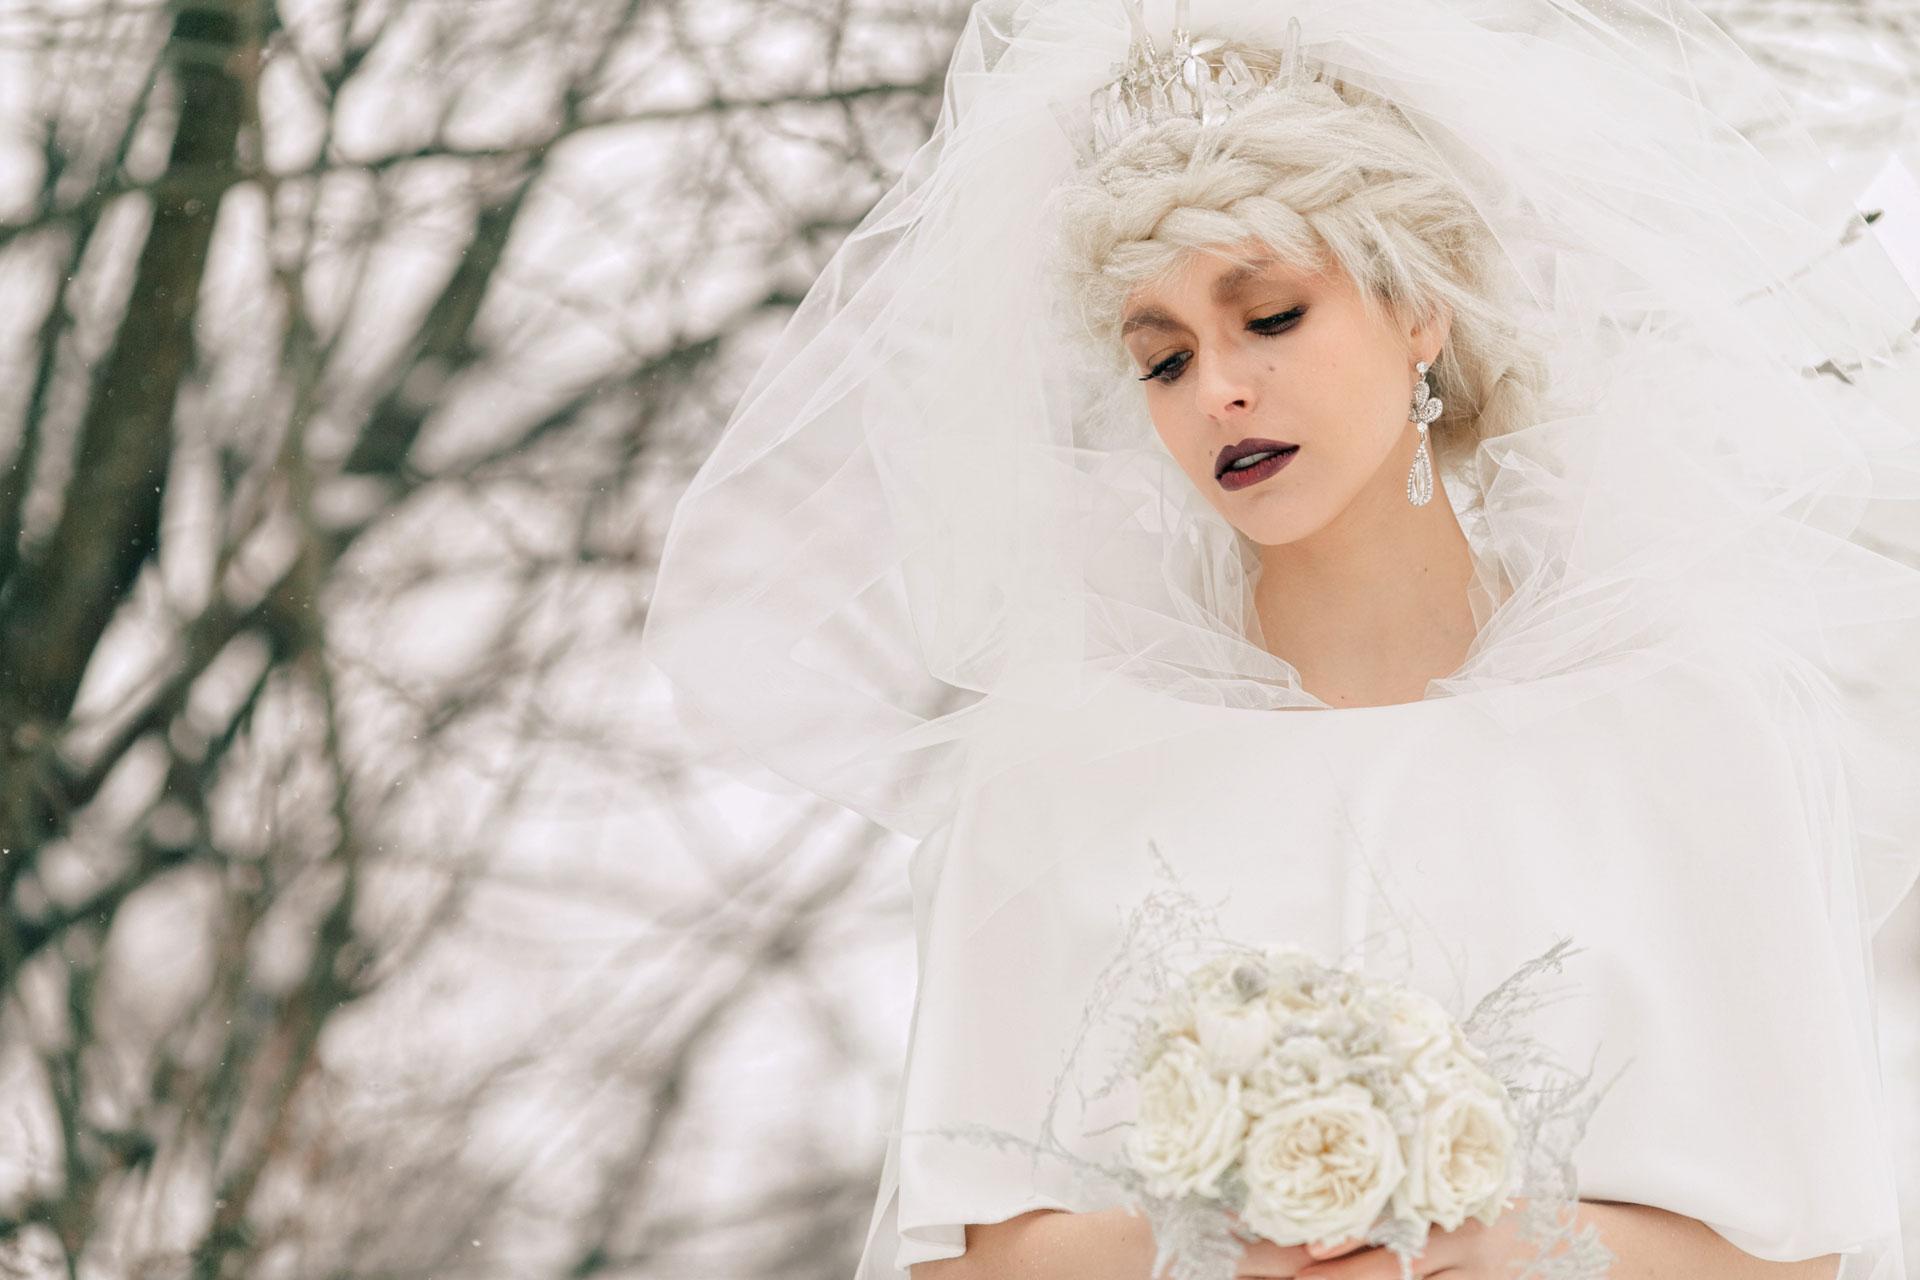 Снежная королева, свадебный образ фото 2